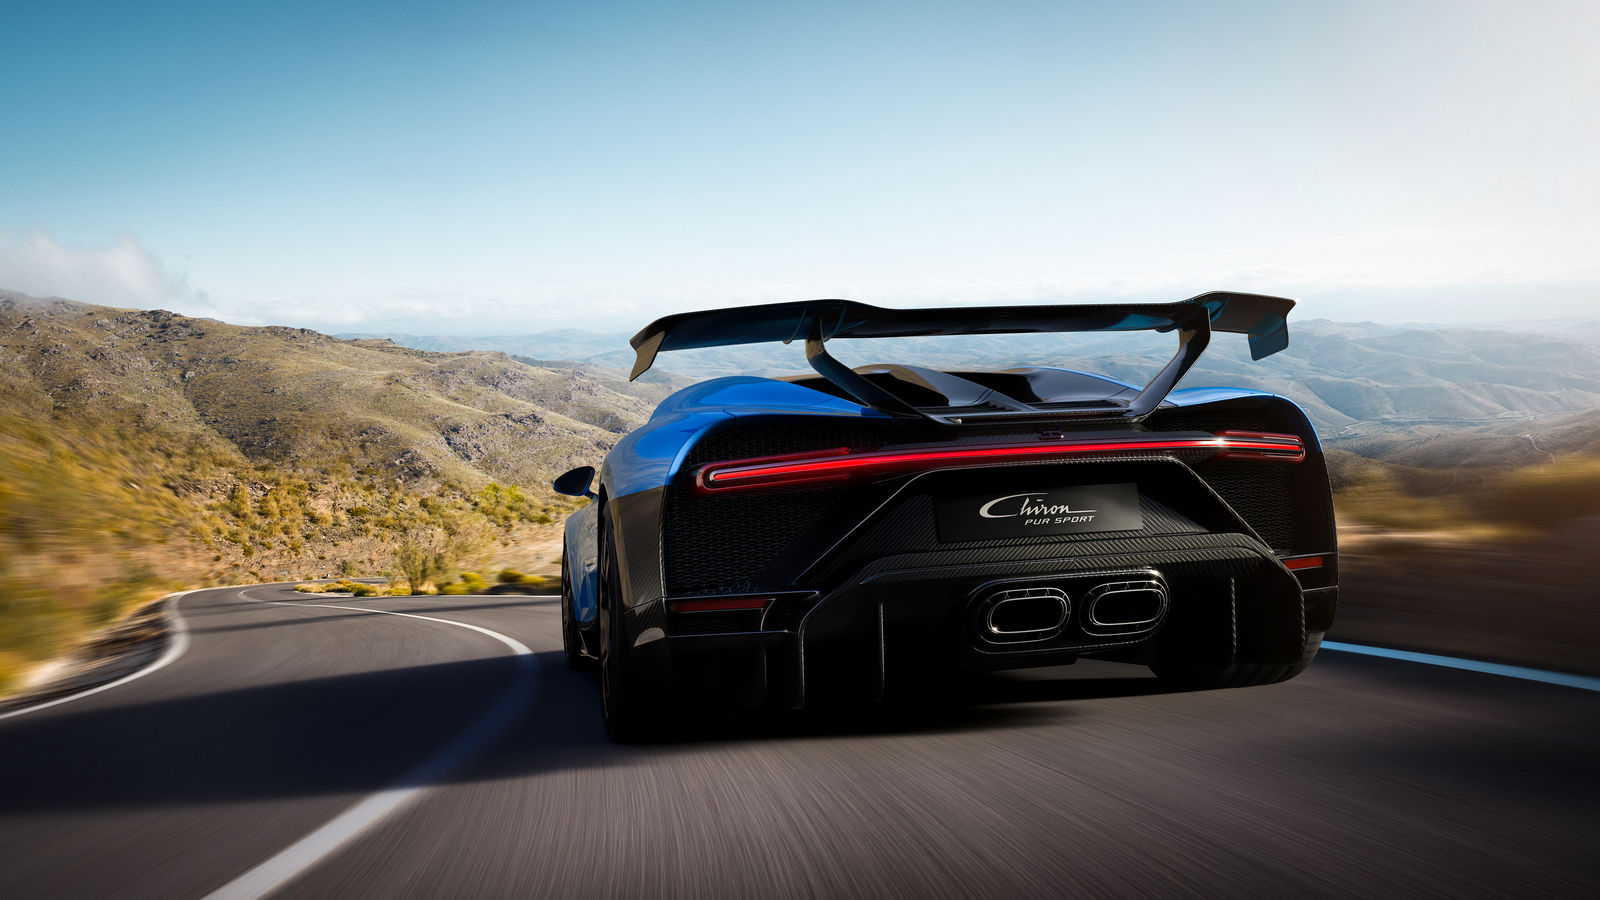 The Bugatti Chiron Pur Sport rear. Photo via Bugatti.